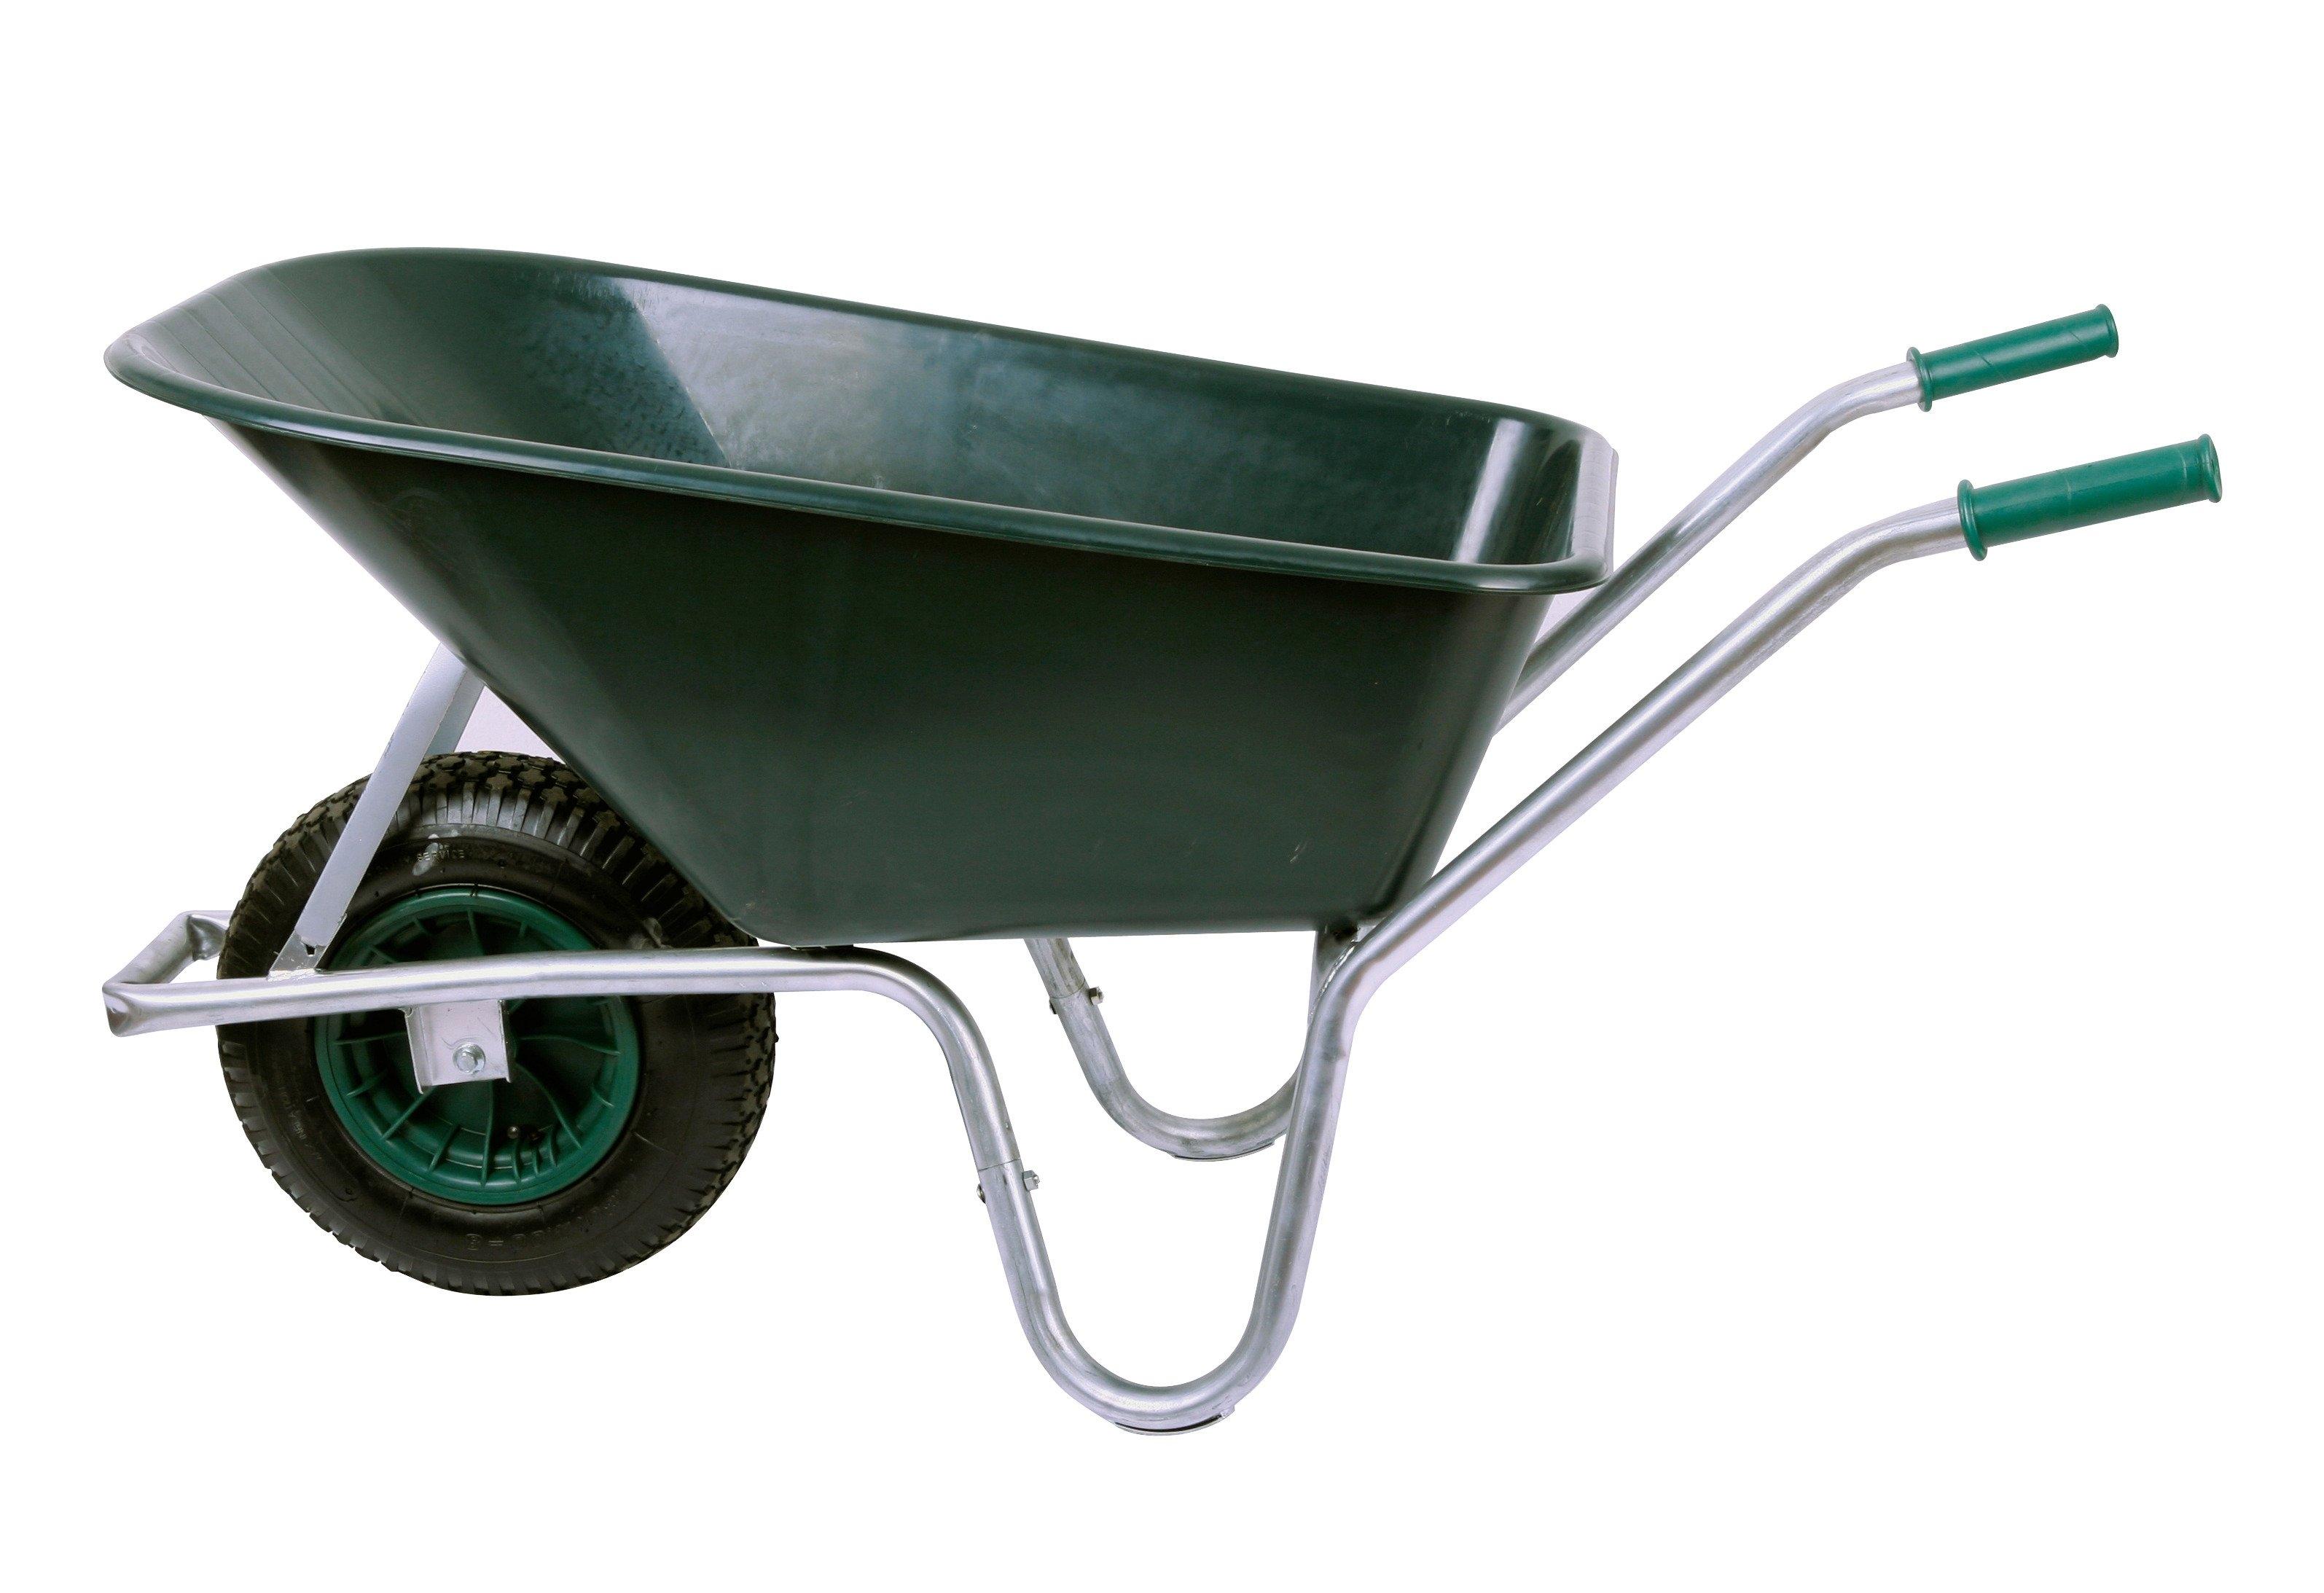 SZ Metall Kruiwagen 100 liter, 150 kg bij OTTO online kopen